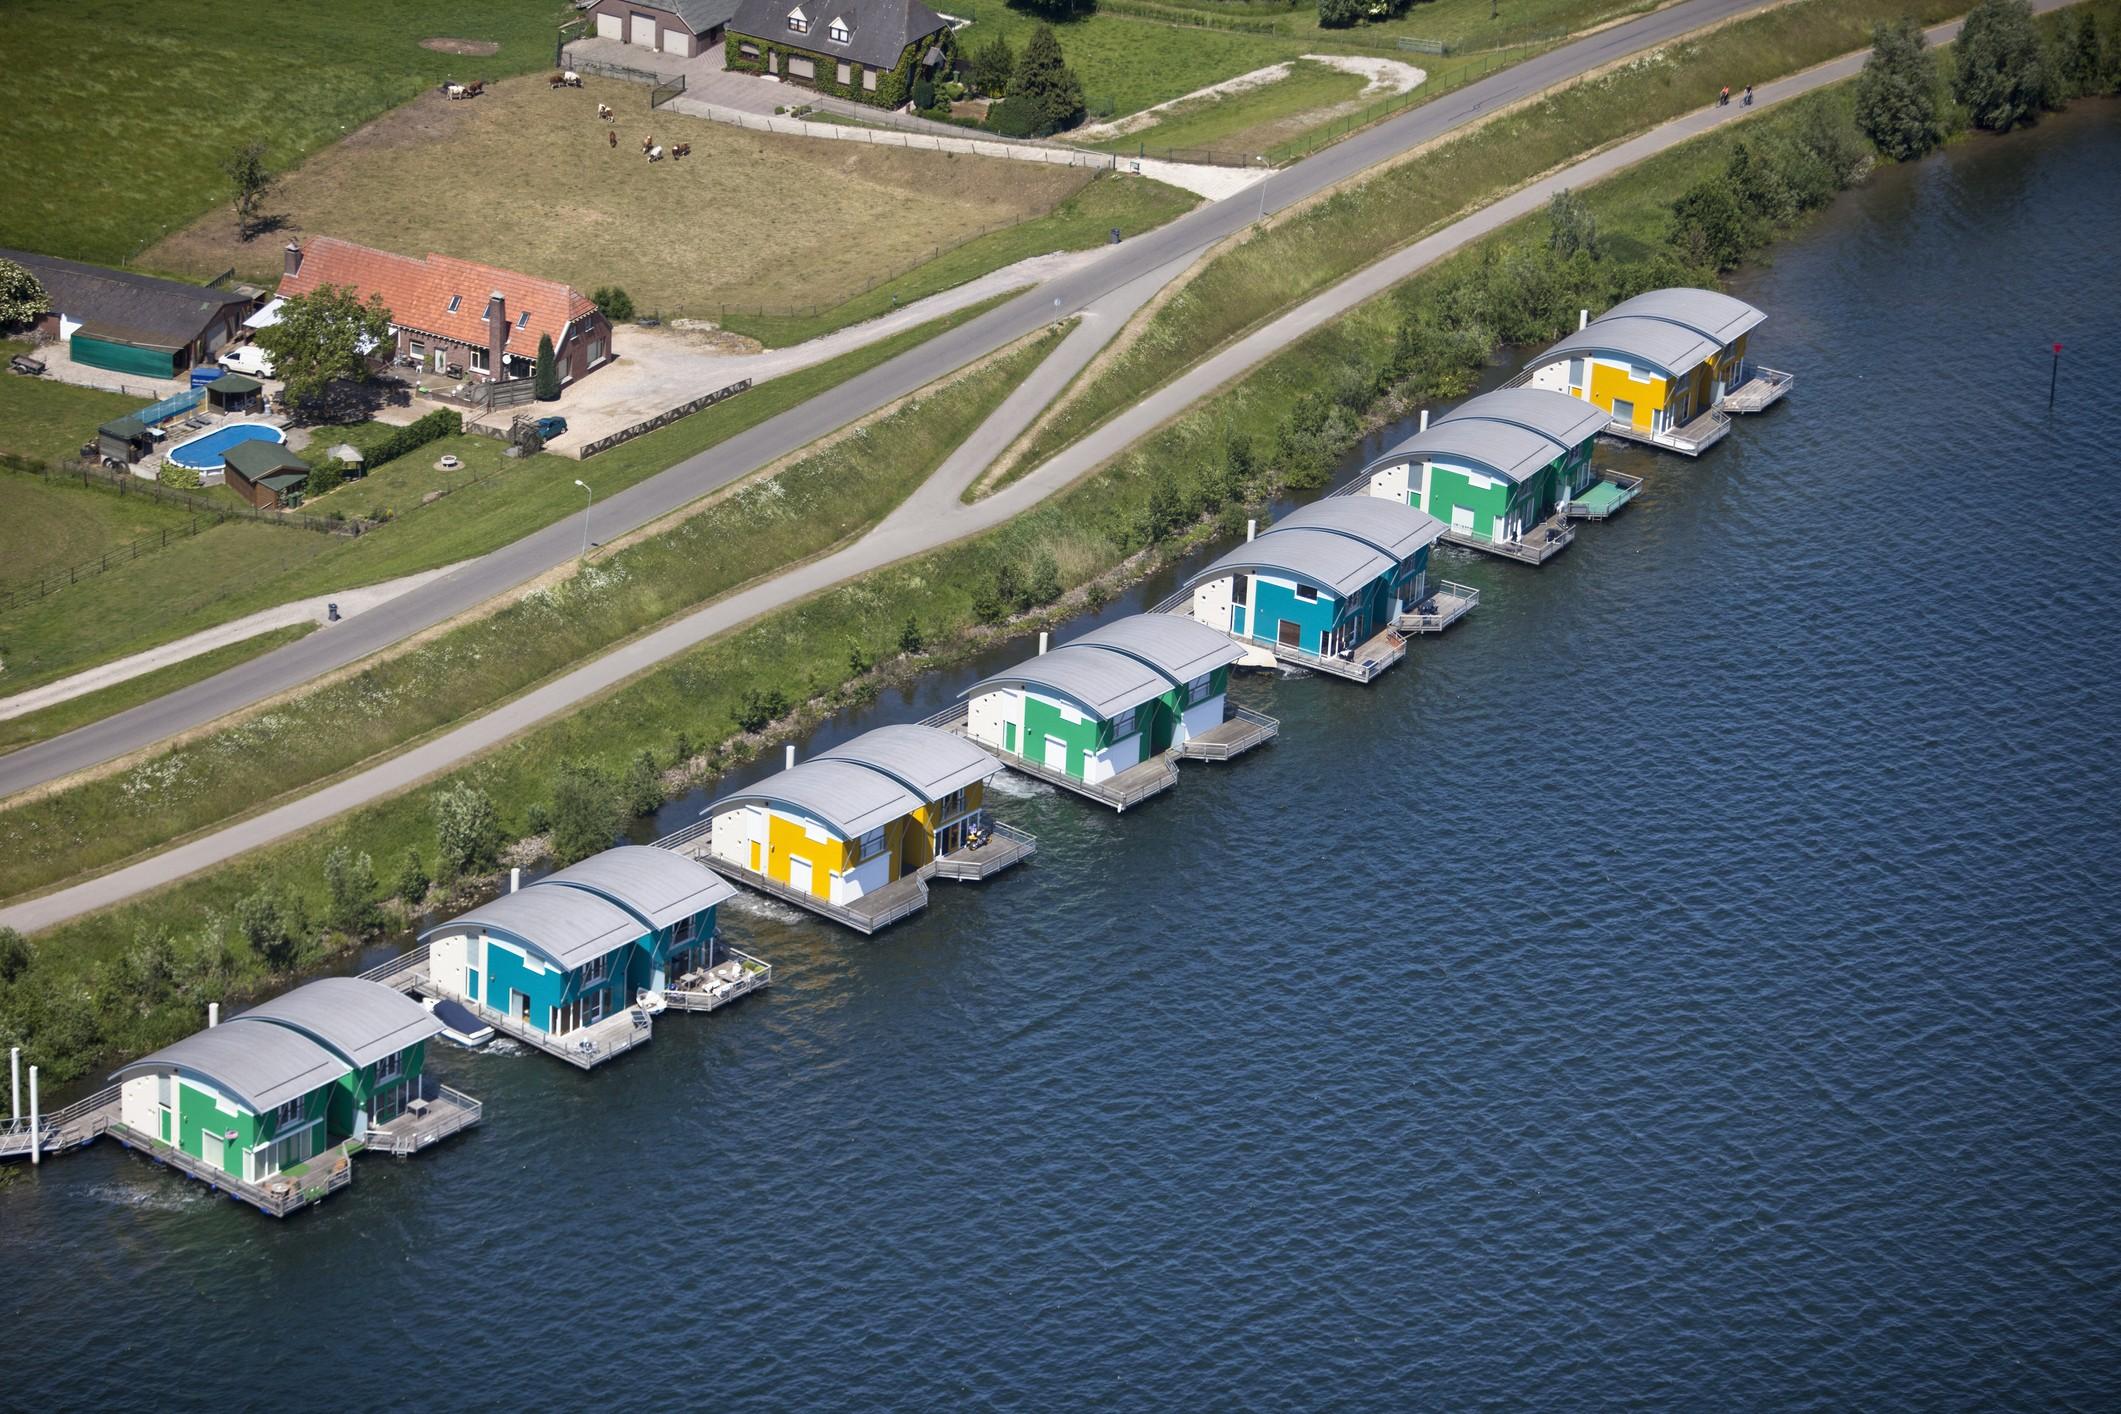 Arquitetura flutuante: por que as construções não afundam